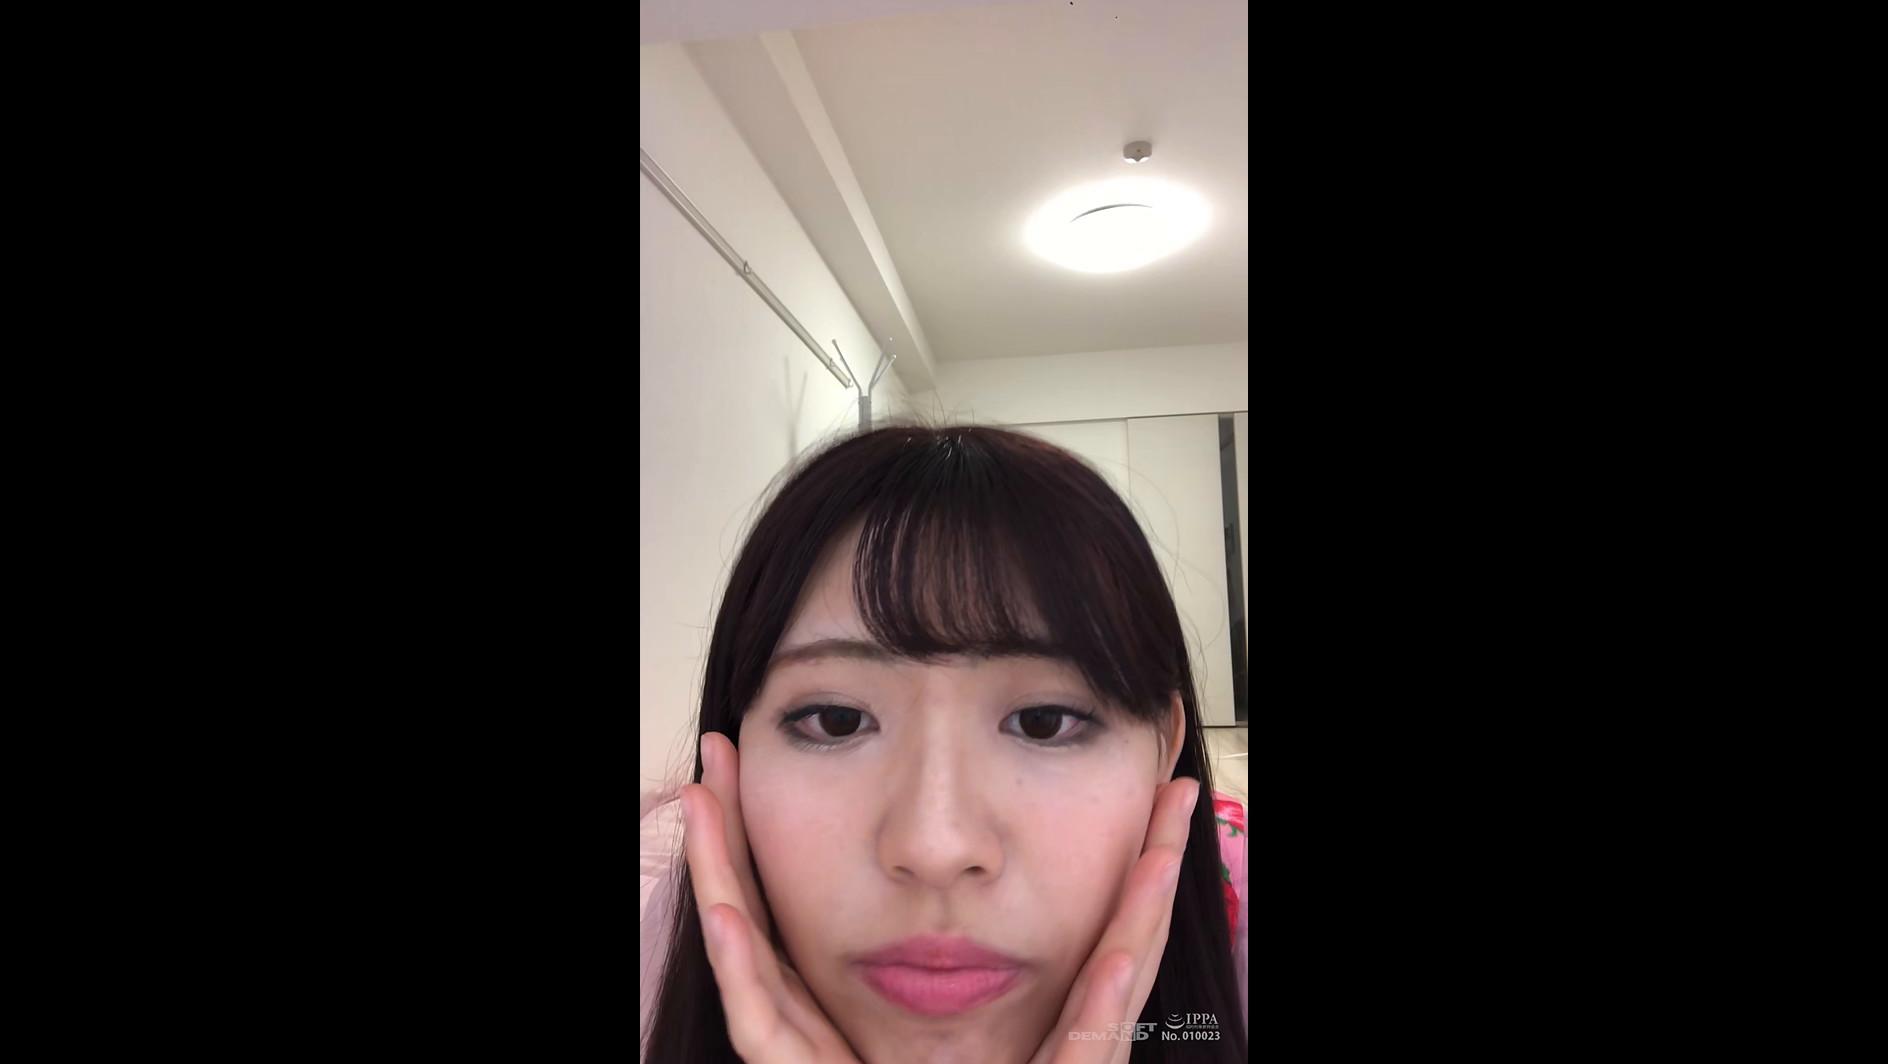 ビデオ通話エッチ JOI りり 【縦動画】 画像7